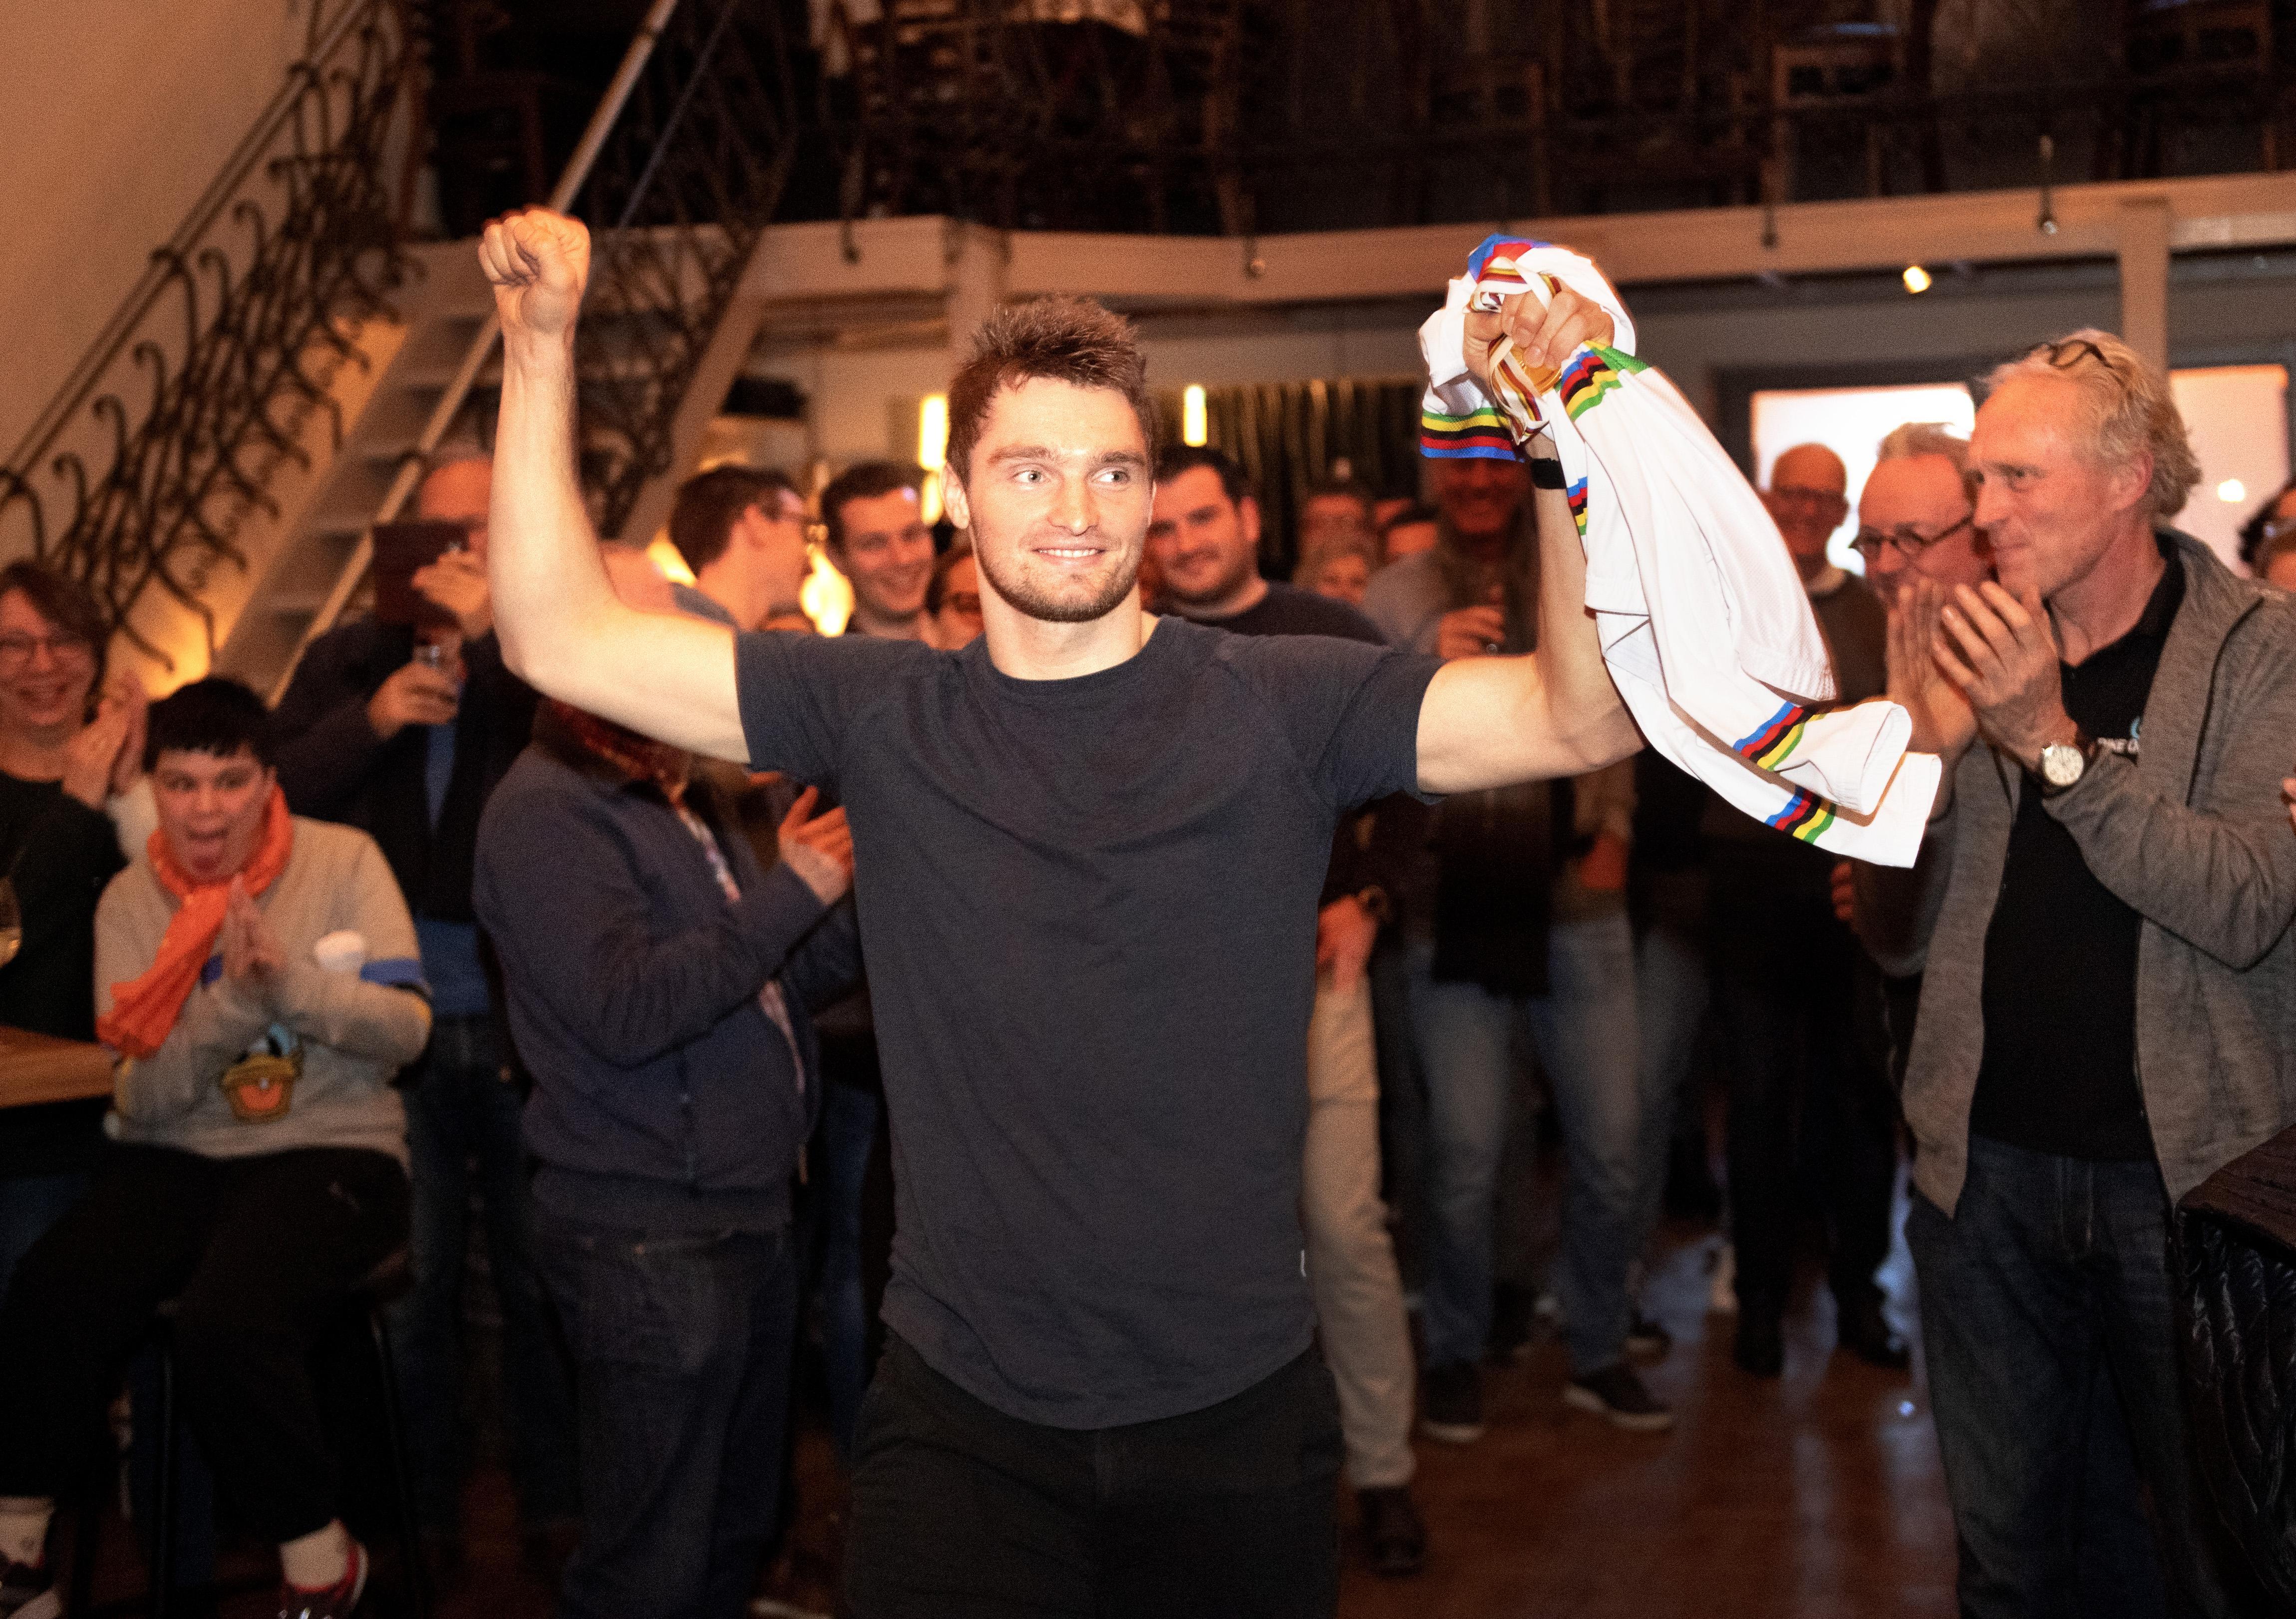 Santpoorter Büchli moet punten pakken tijdens EK wielrennen op de baan